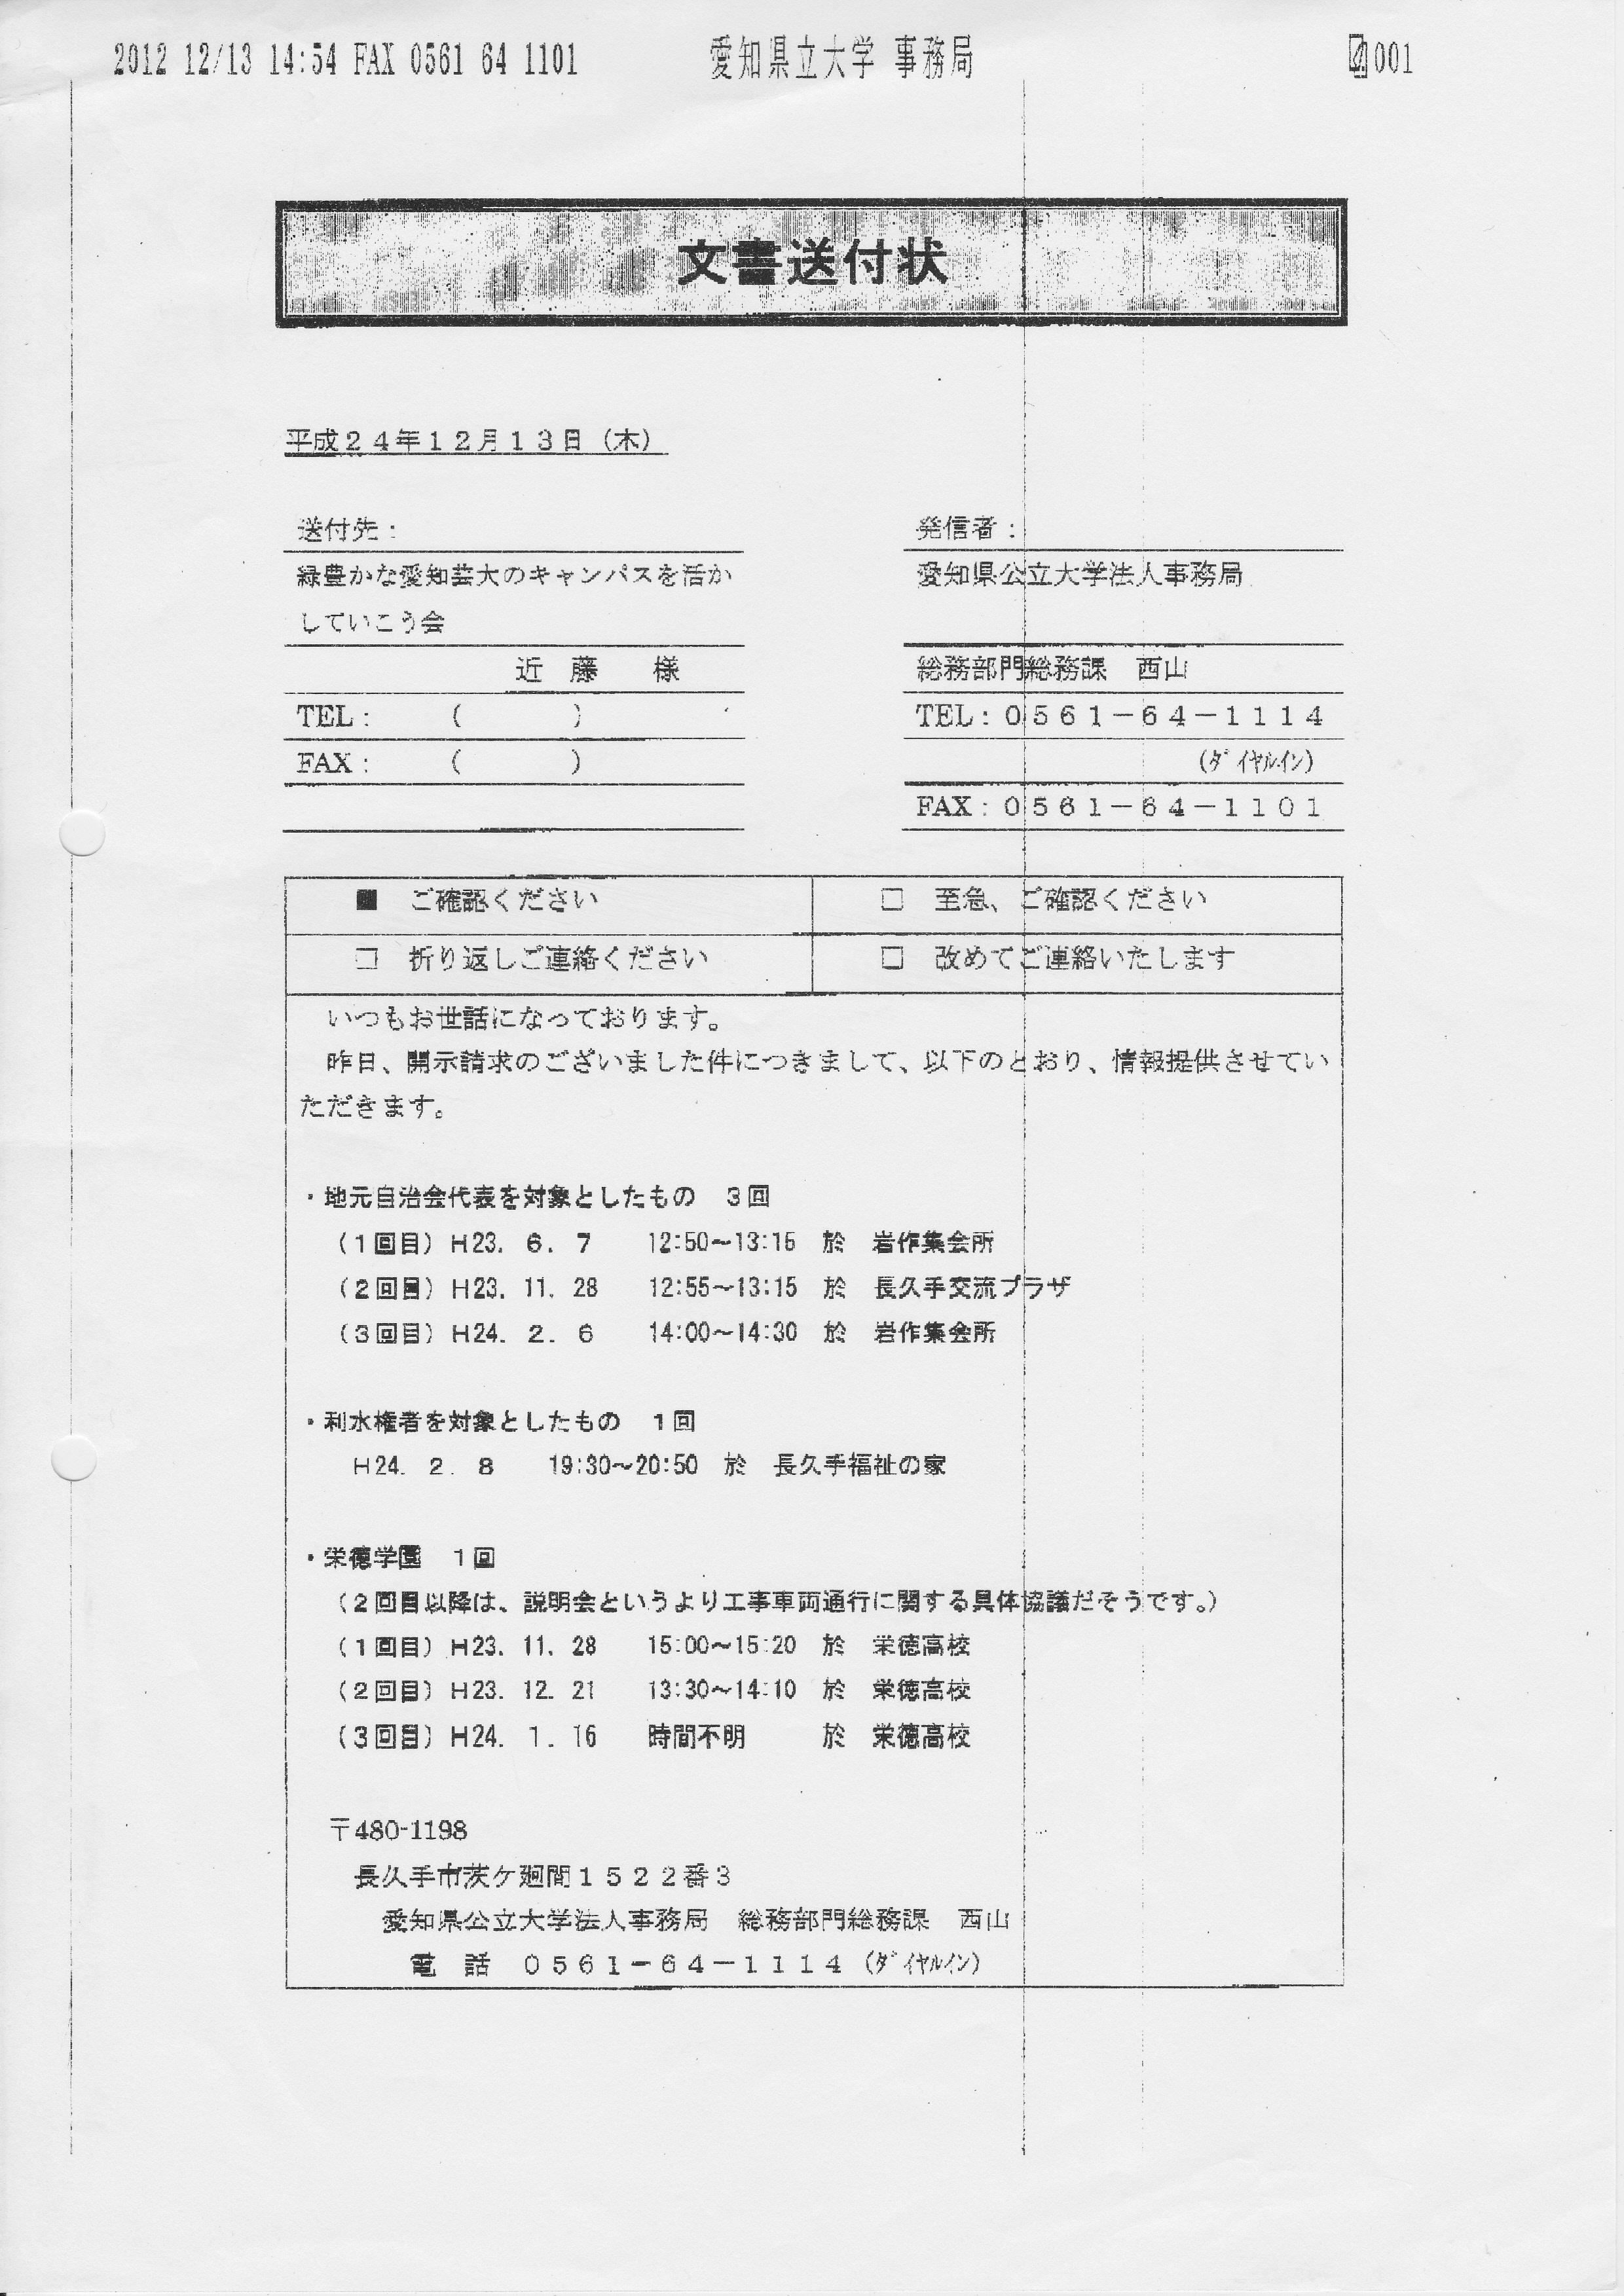 愛芸20121213文書送付状